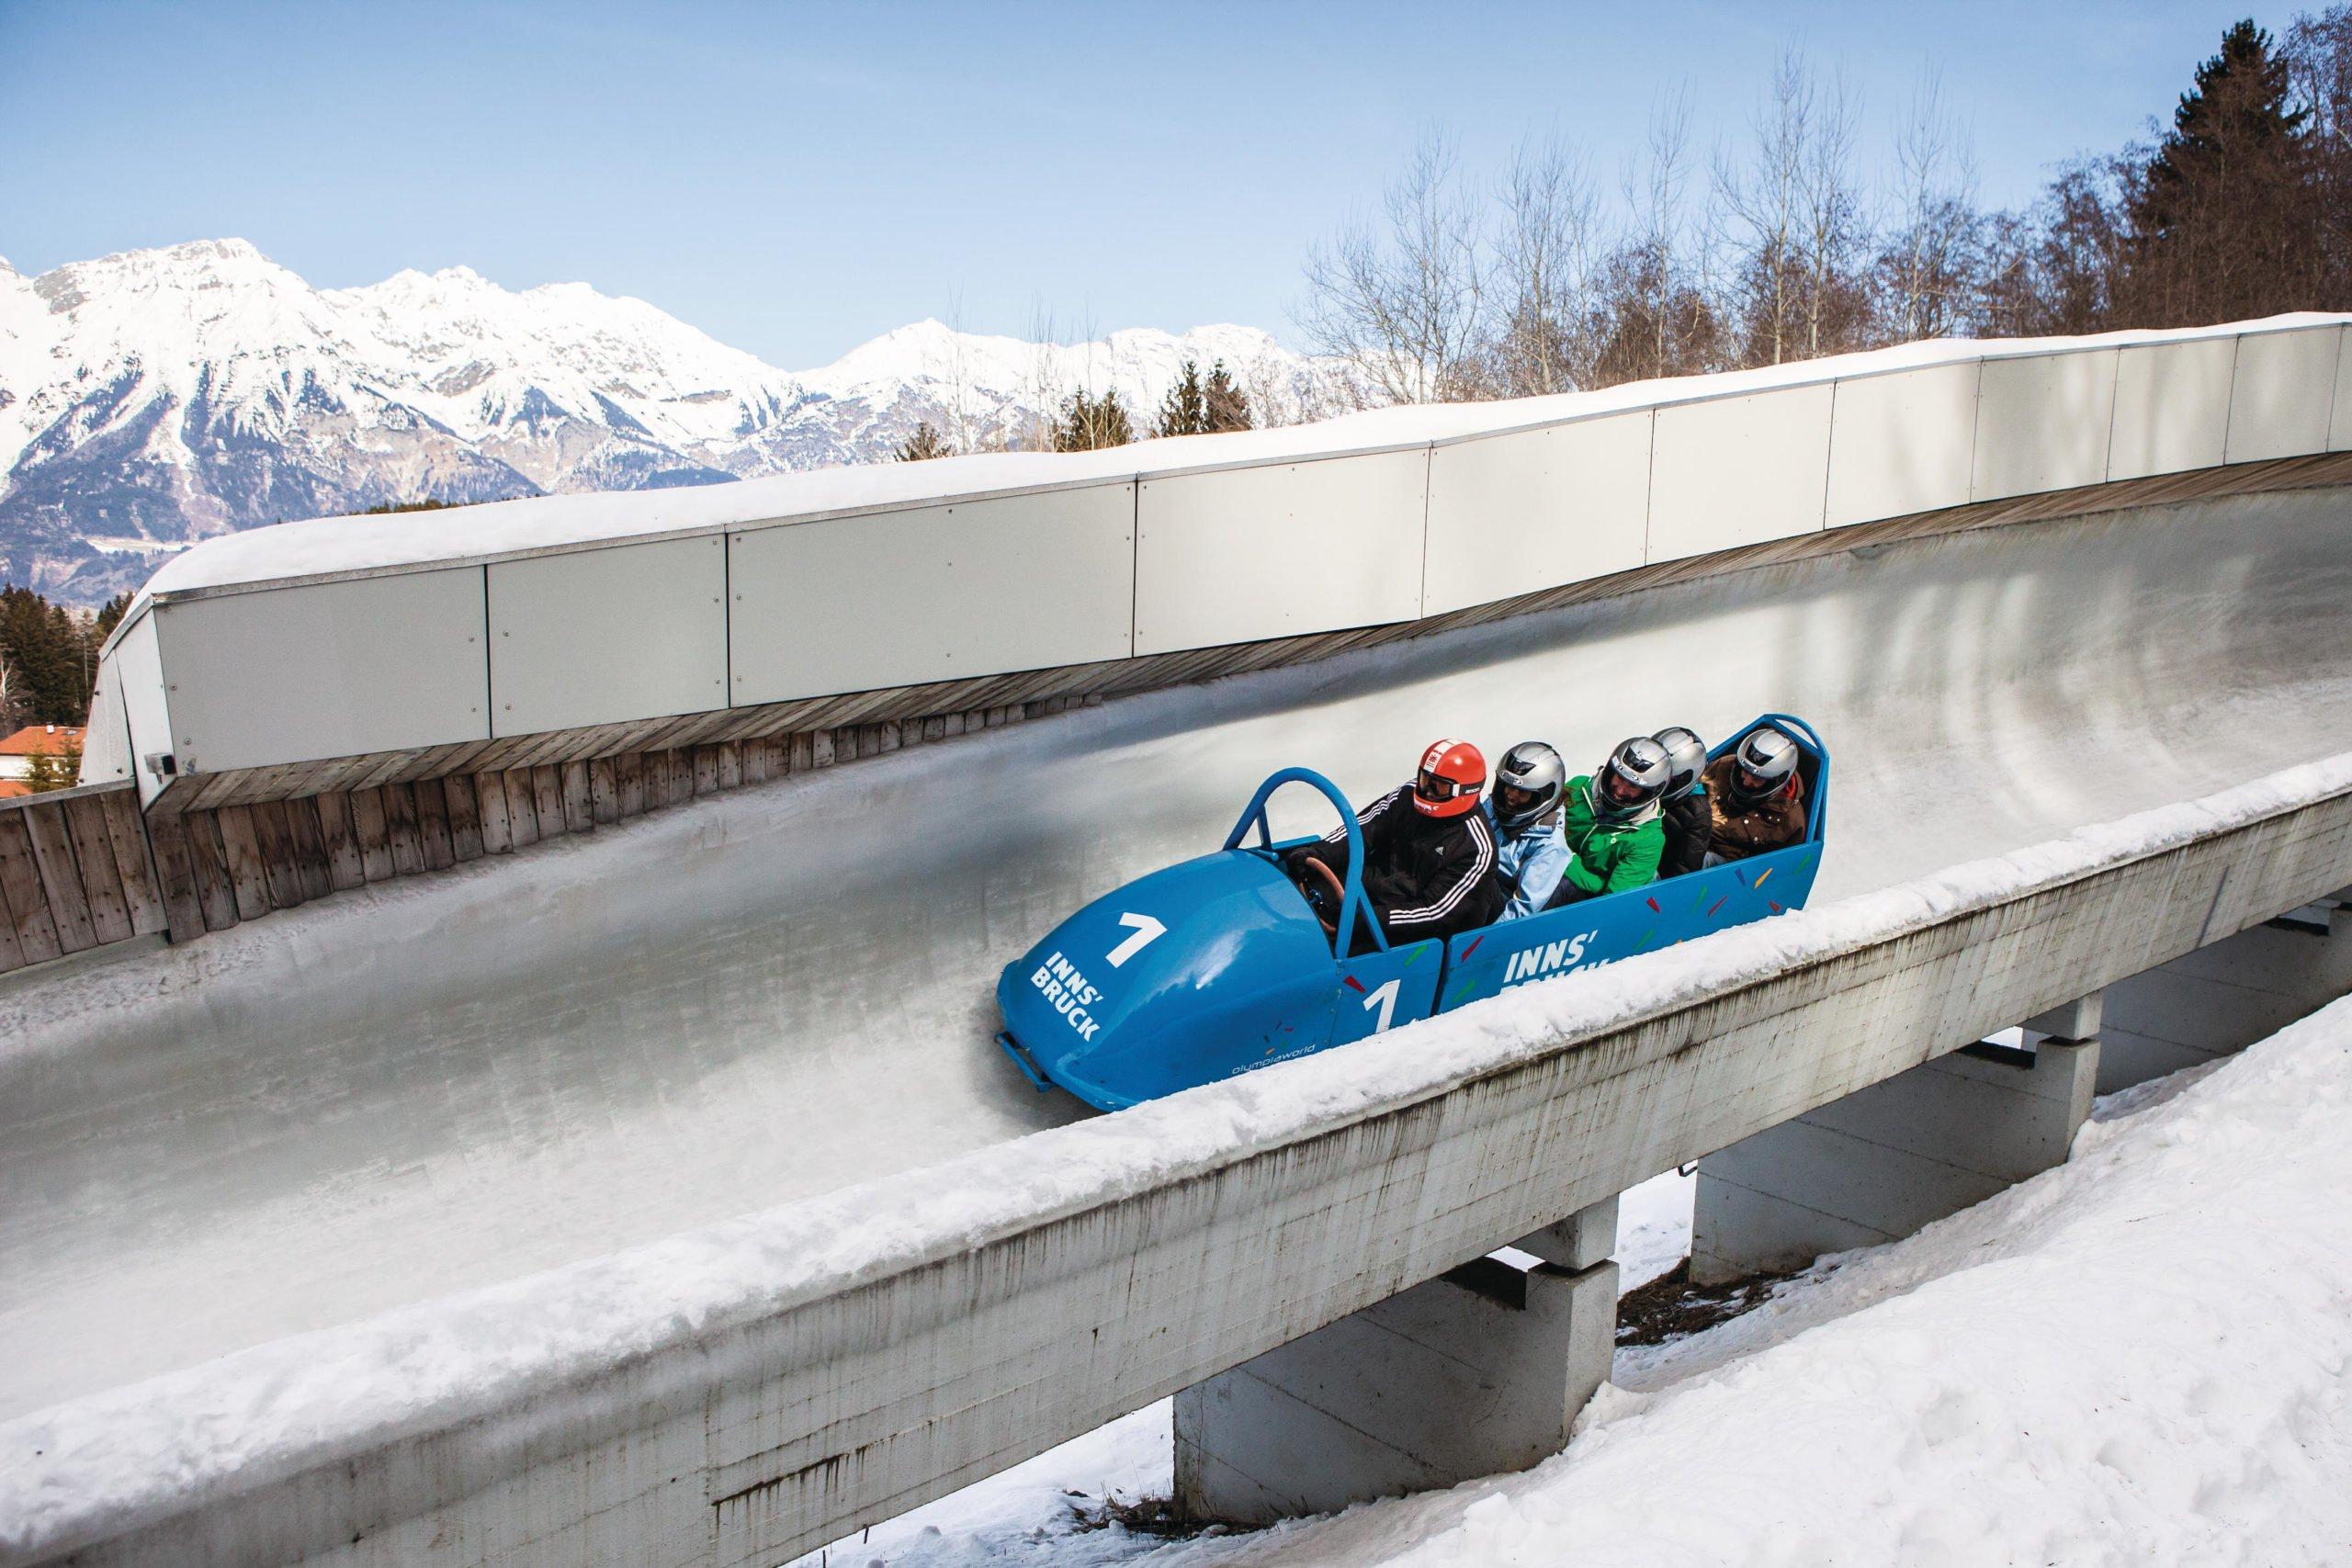 Bob Sled Things To Do in Innsbruck